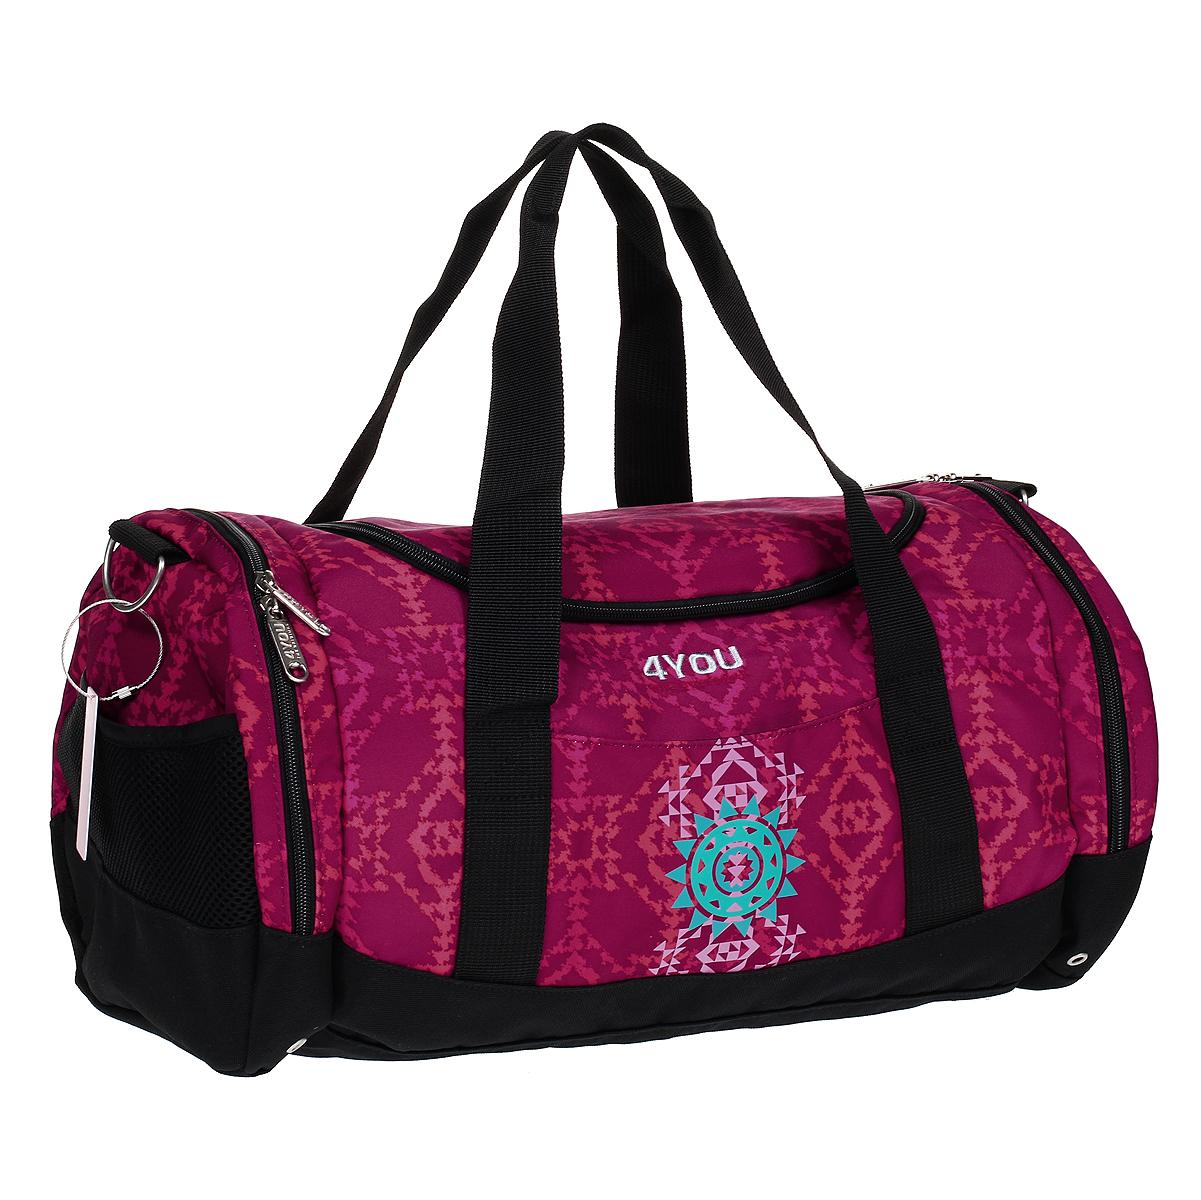 Сумка школьная 4You Спорт: Понпон, цвет: ярко-розовый171400-598Школьная сумка 4You Спорт: Понпон предназначена для переноски спортивных вещей, обуви и инвентаря. Сумка выполнена из прочного износостойкого текстильного материала ярко-розового цвета и оформлена бирюзовой вышивкой в виде солнышка. Сумка содержит одно вместительное отделение, которое закрывается на застежку-молнию с двумя бегунками. На лицевой стороне сумки находится небольшой внешний карман без застежки. По бокам расположены два накладных кармана, закрывающихся также на застежки-молнии с двумя бегунками. На внешней стороне каждого находится большой сетчатый карман без застежки. Спортивная сумка оснащена двумя текстильными ручками для переноски в руке и плечевым ремнем, регулируемым по длине.